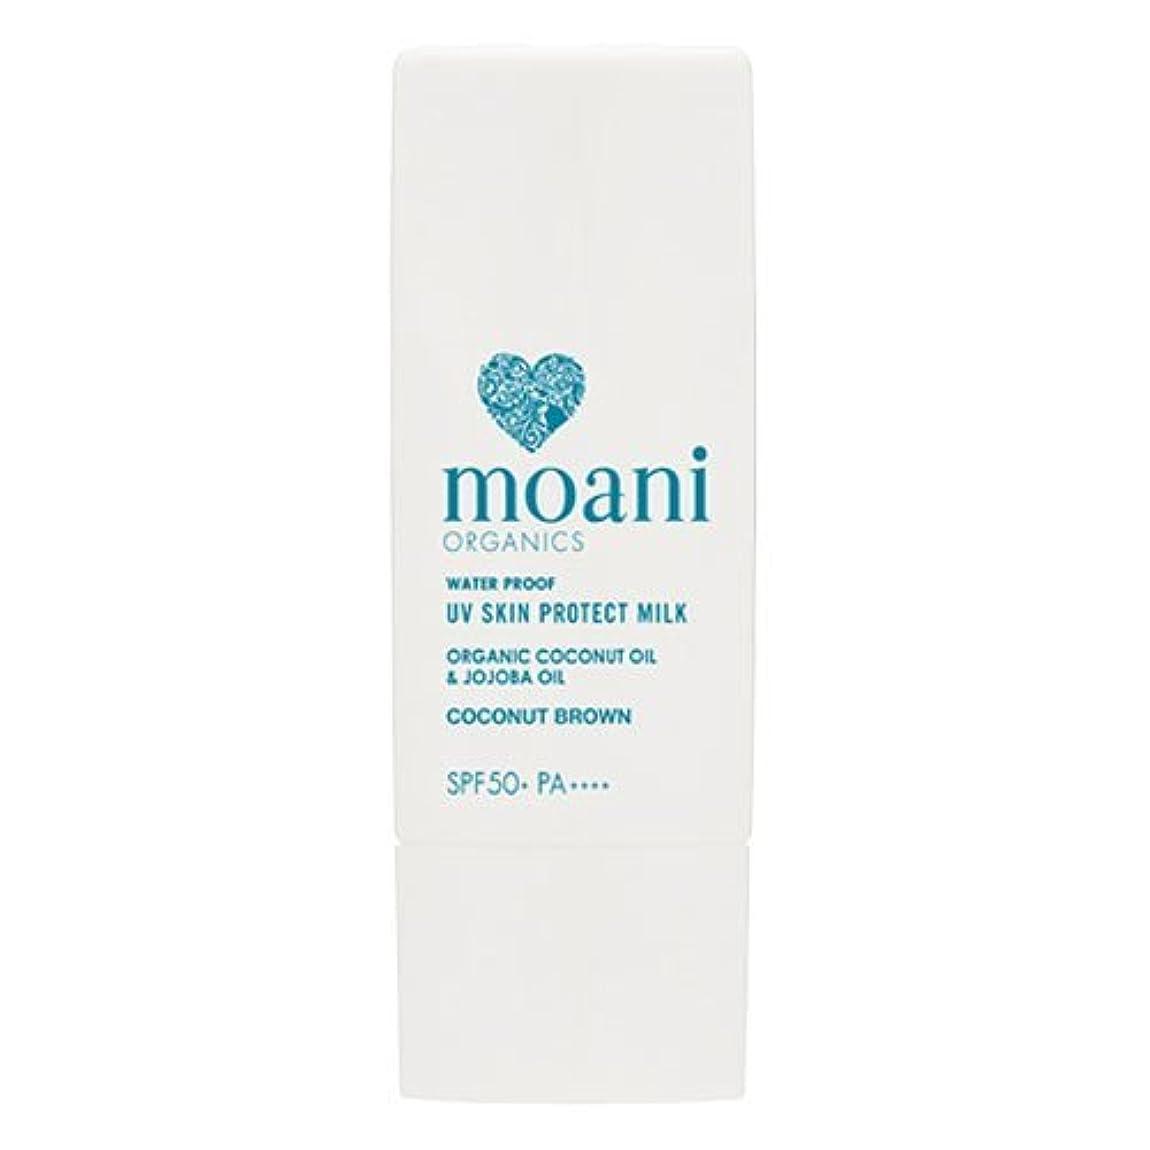 お祝い拍手する葡萄moani organics UV SKIN PROTECT MILK coconut brown(顔用日焼け止め)